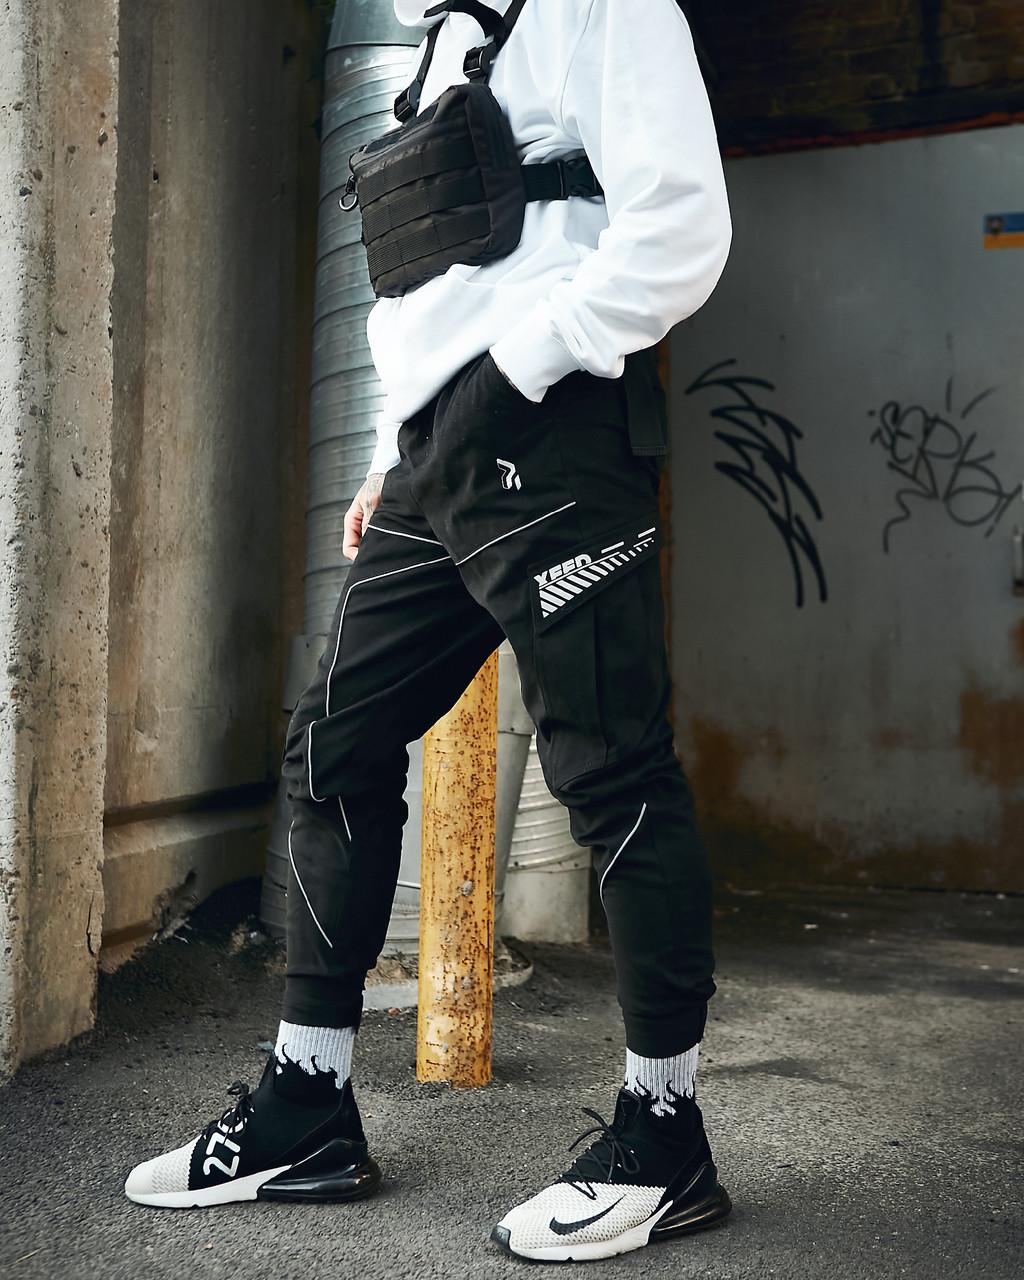 Мужские брюки-карго Пушка Огонь Xeed L модные молодежные черные штаны cargo весна подростковые брюки карго